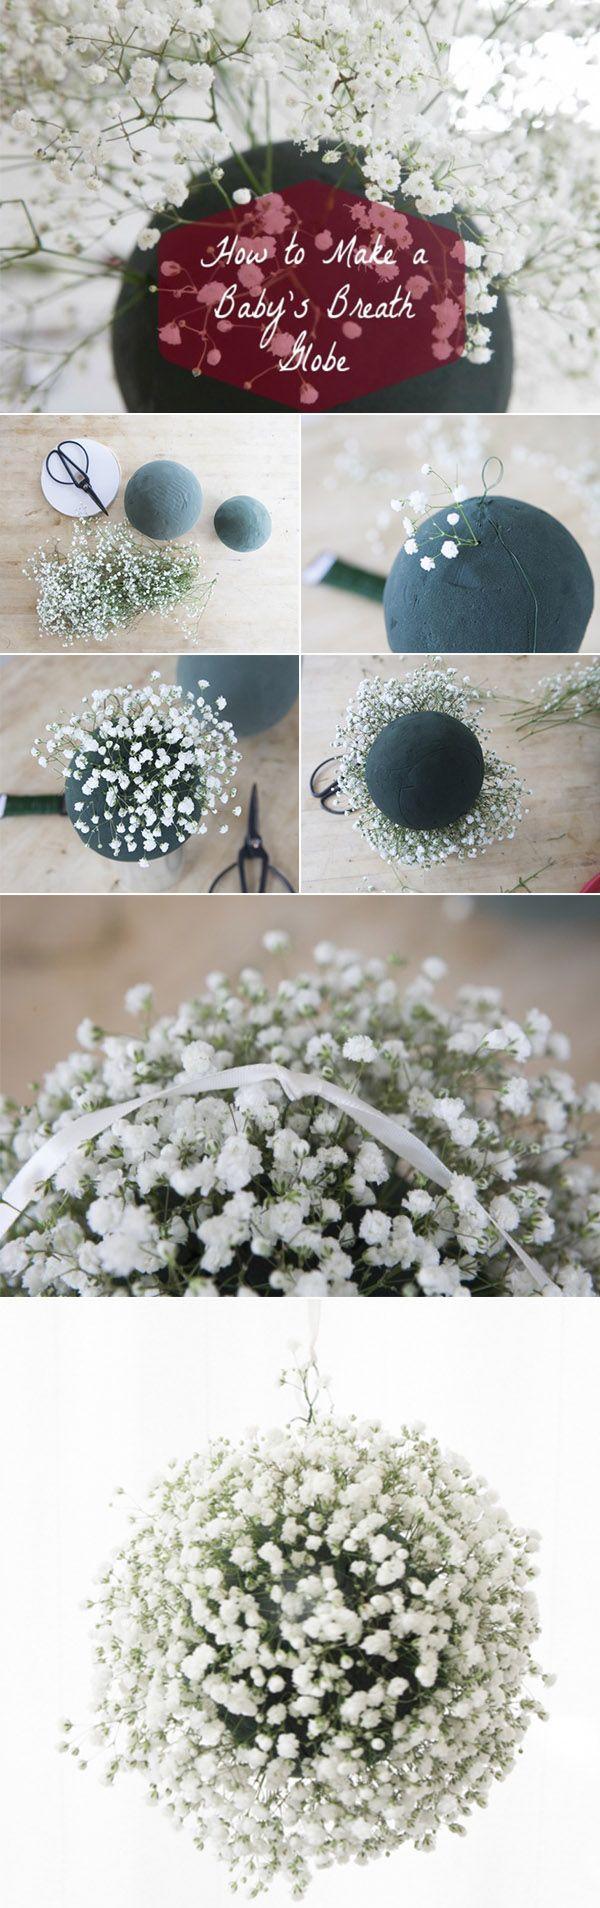 diy baby's breath wedding floral ball tutorials